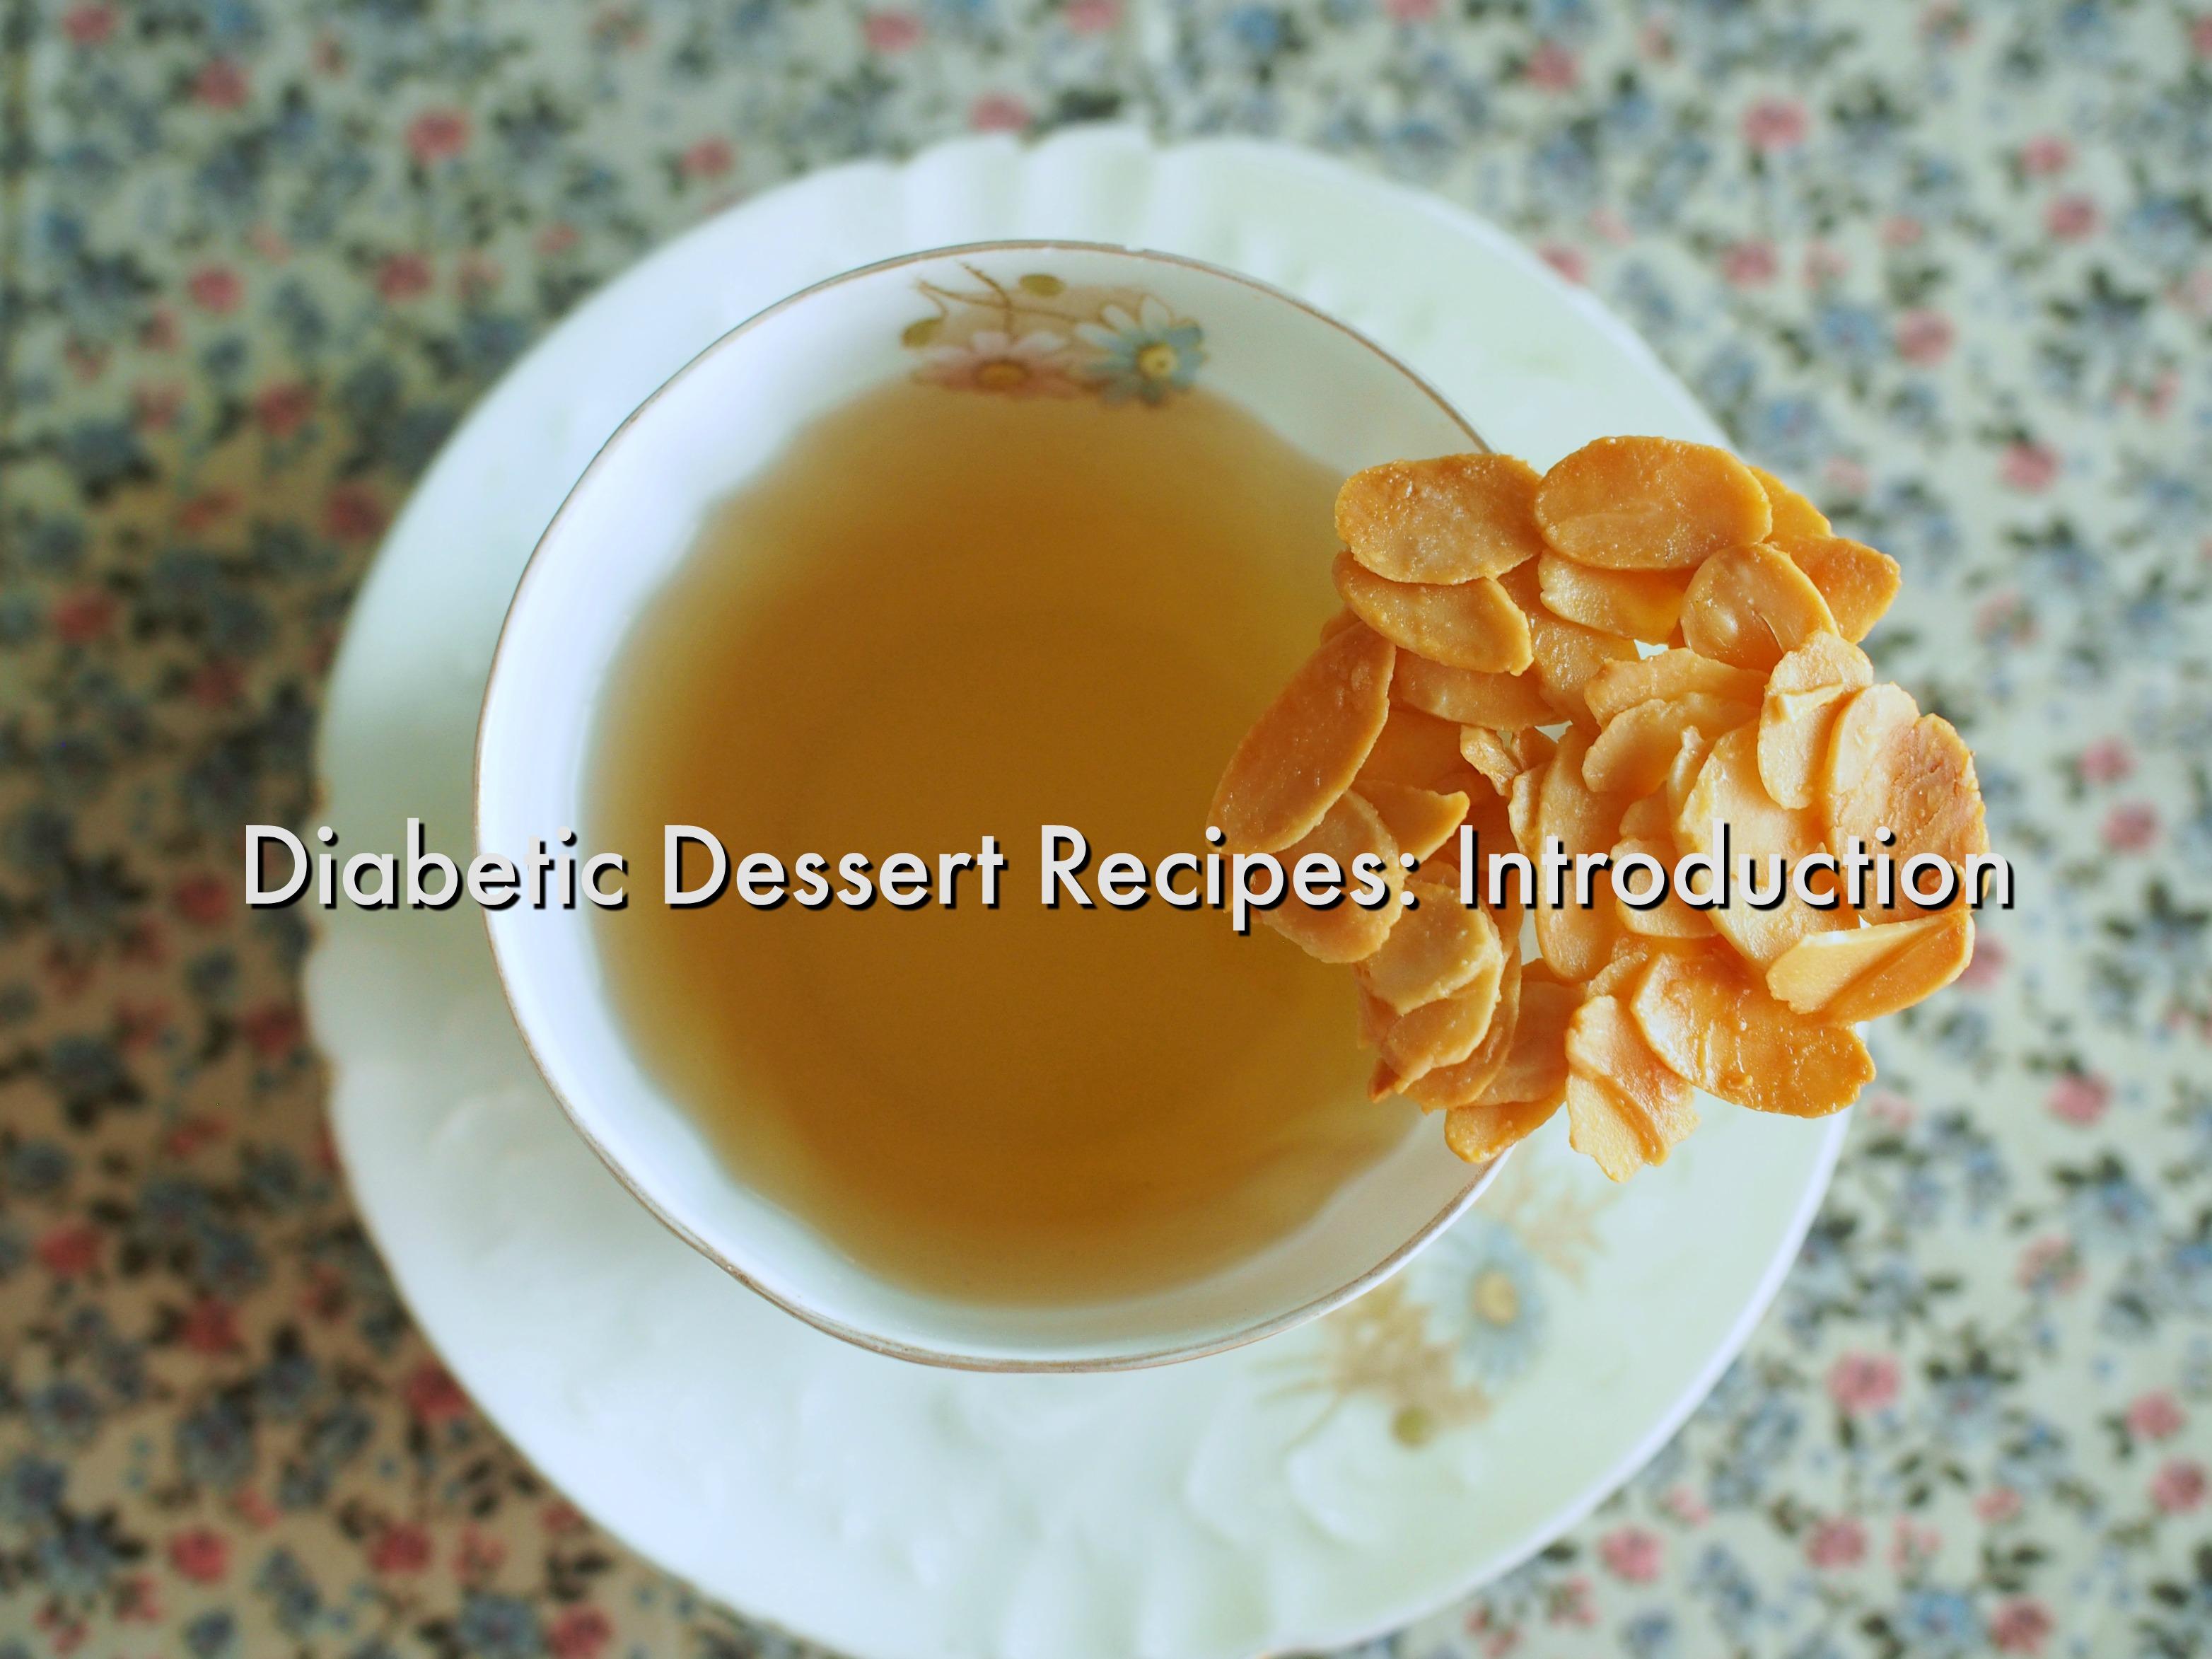 Diabetic dessert recipes: Introduction ขนมหวานสำหรับเบาหวาน: บทนำ